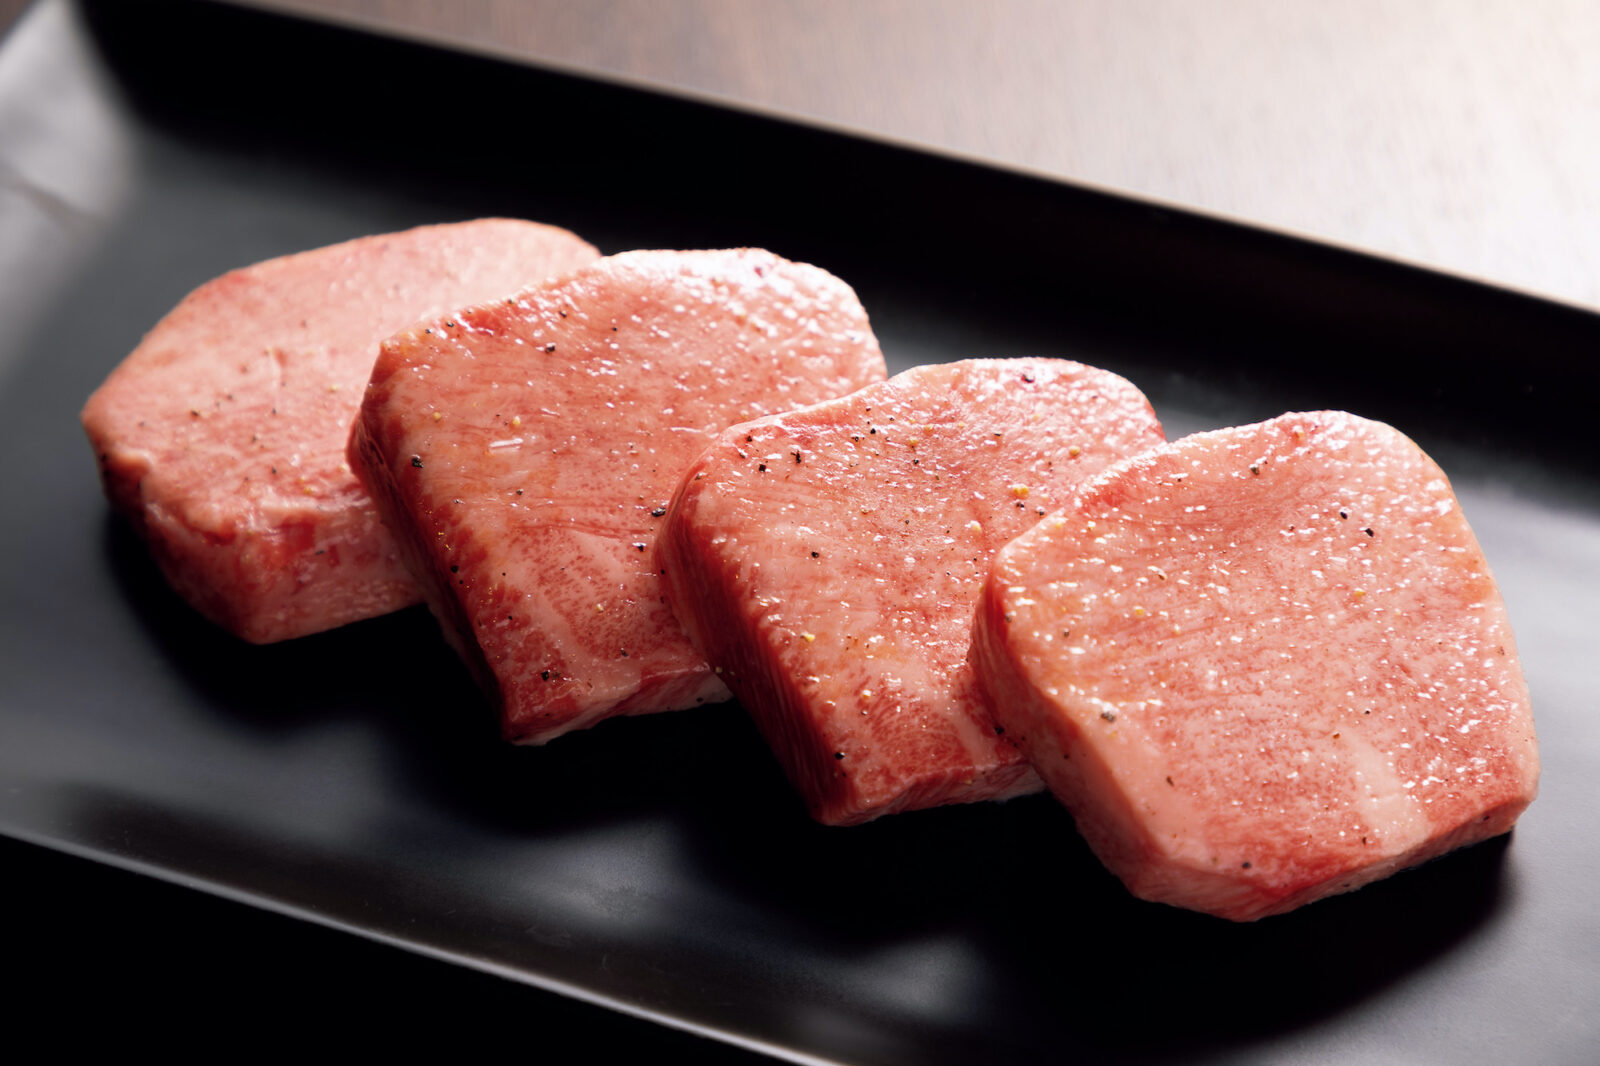 特選厚切りタン塩¥3,278。歯に心地よい弾力と舌の上に一気に広がる旨味は極厚カットのなせる業。